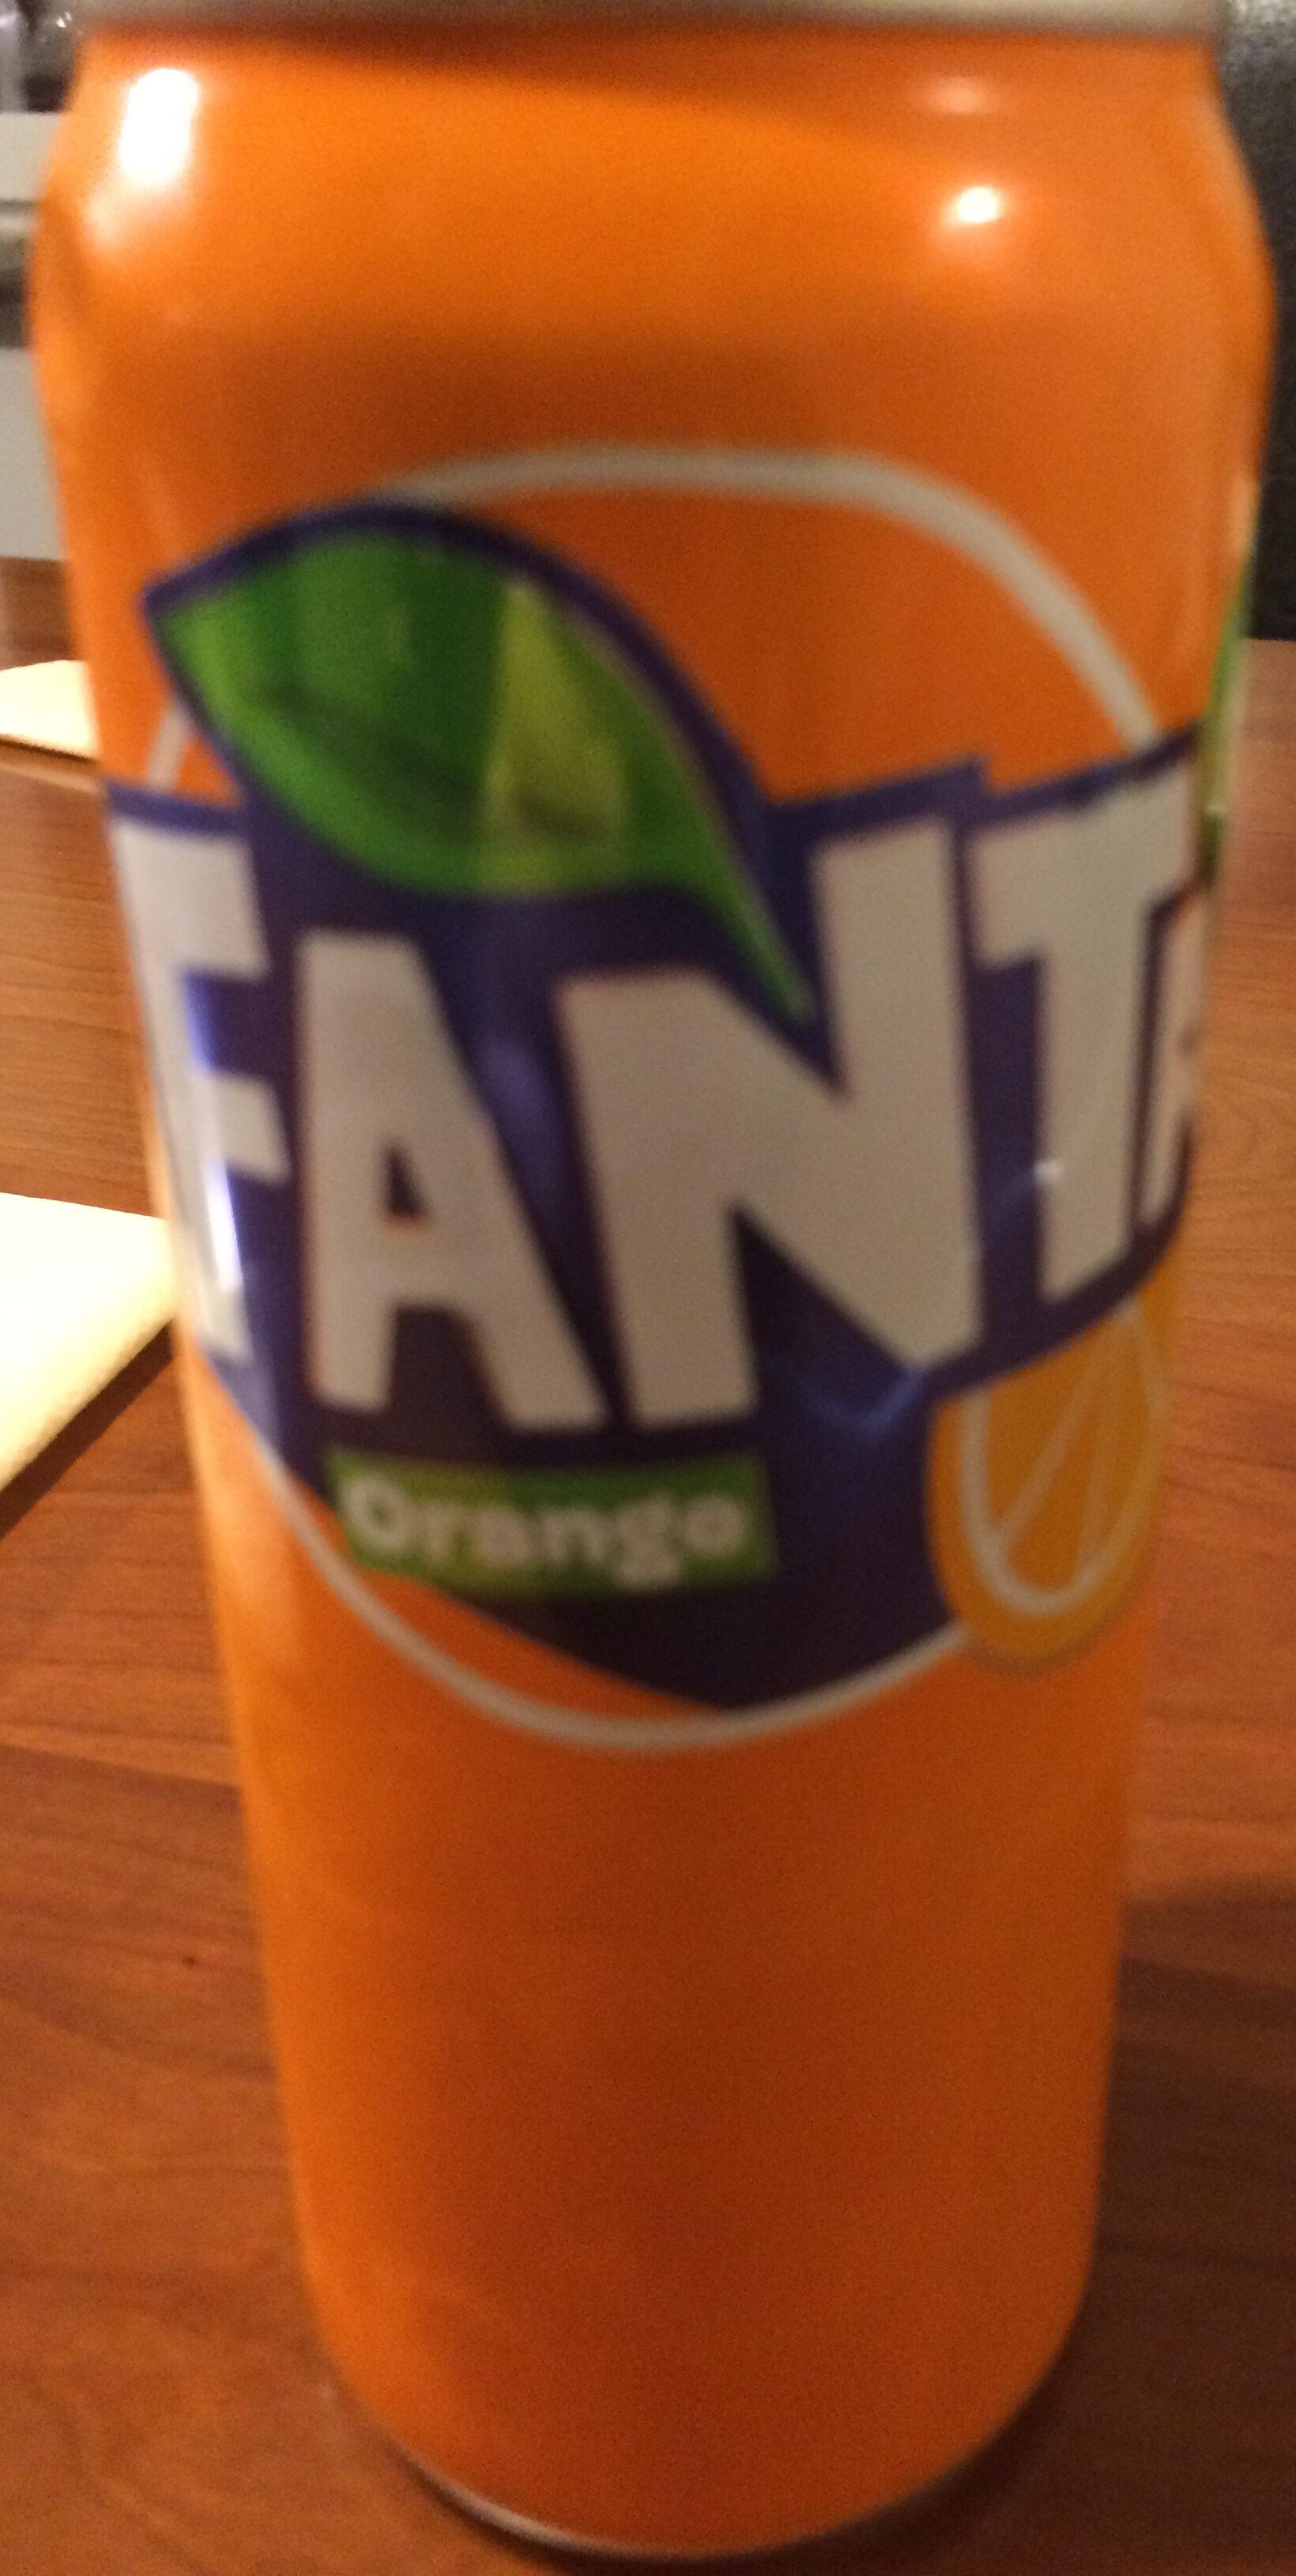 Fanta Orange - Product - sv